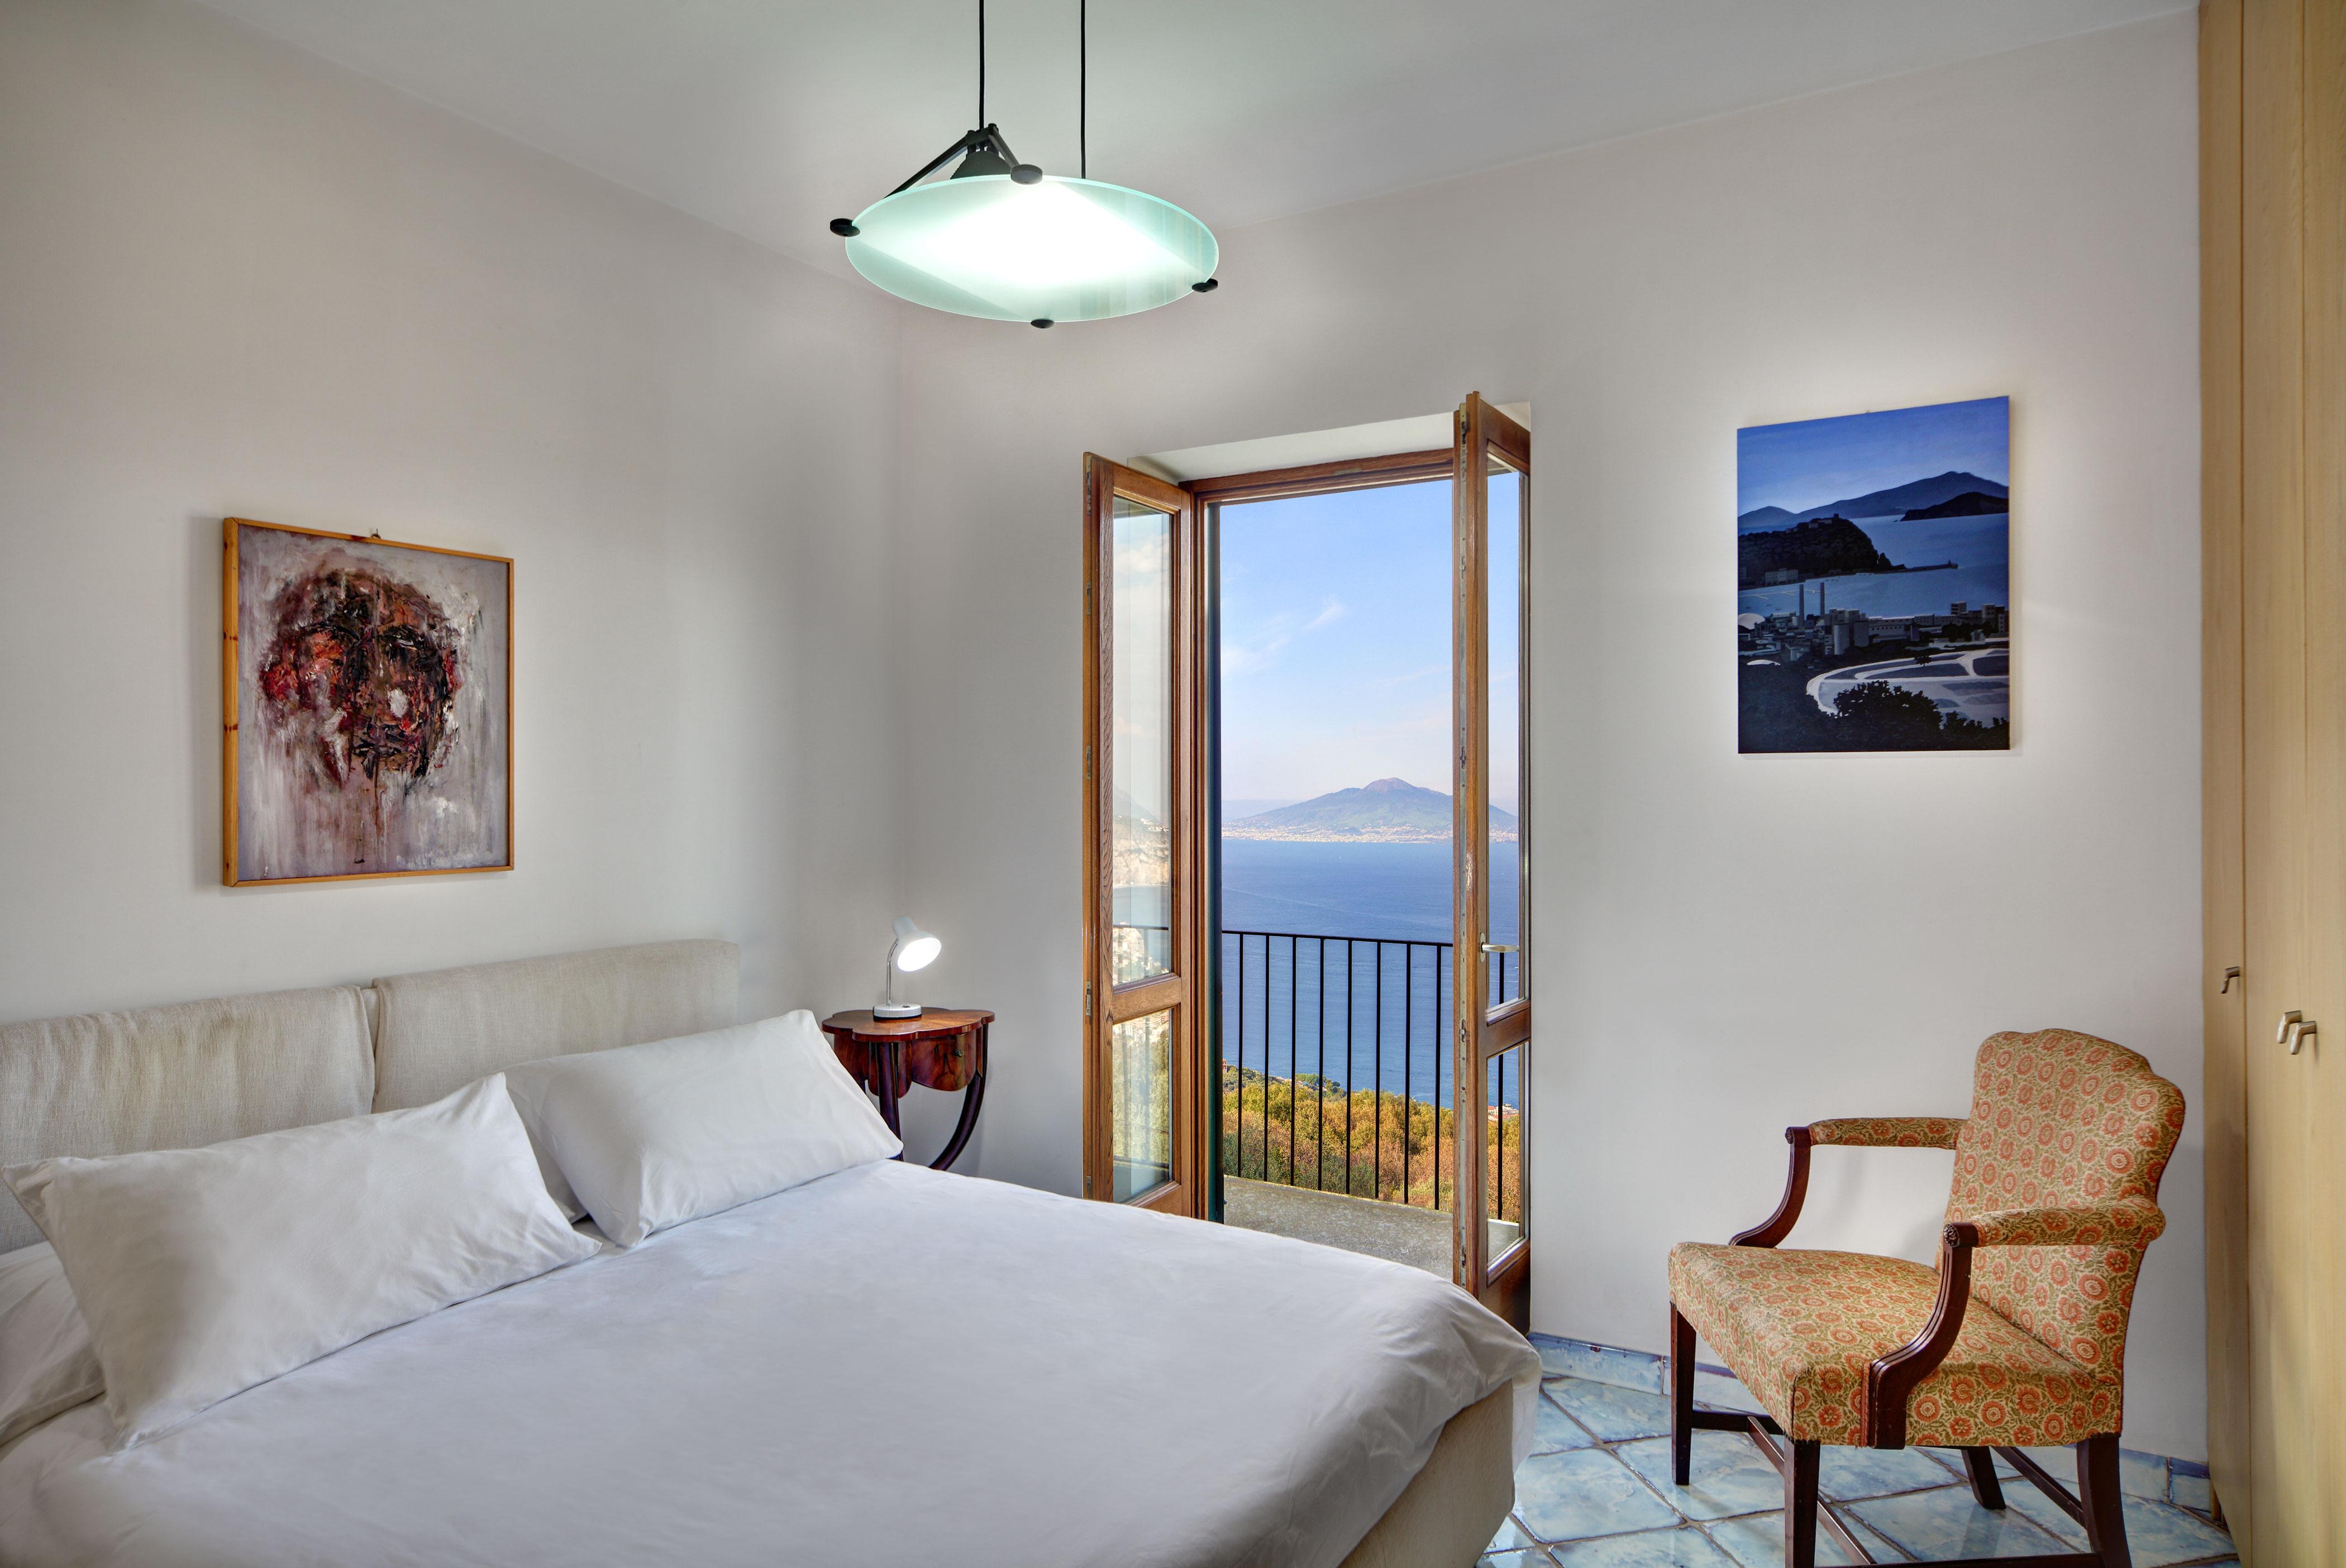 Apartment Villa Vesuvio - Luxury and Beauty photo 25033394